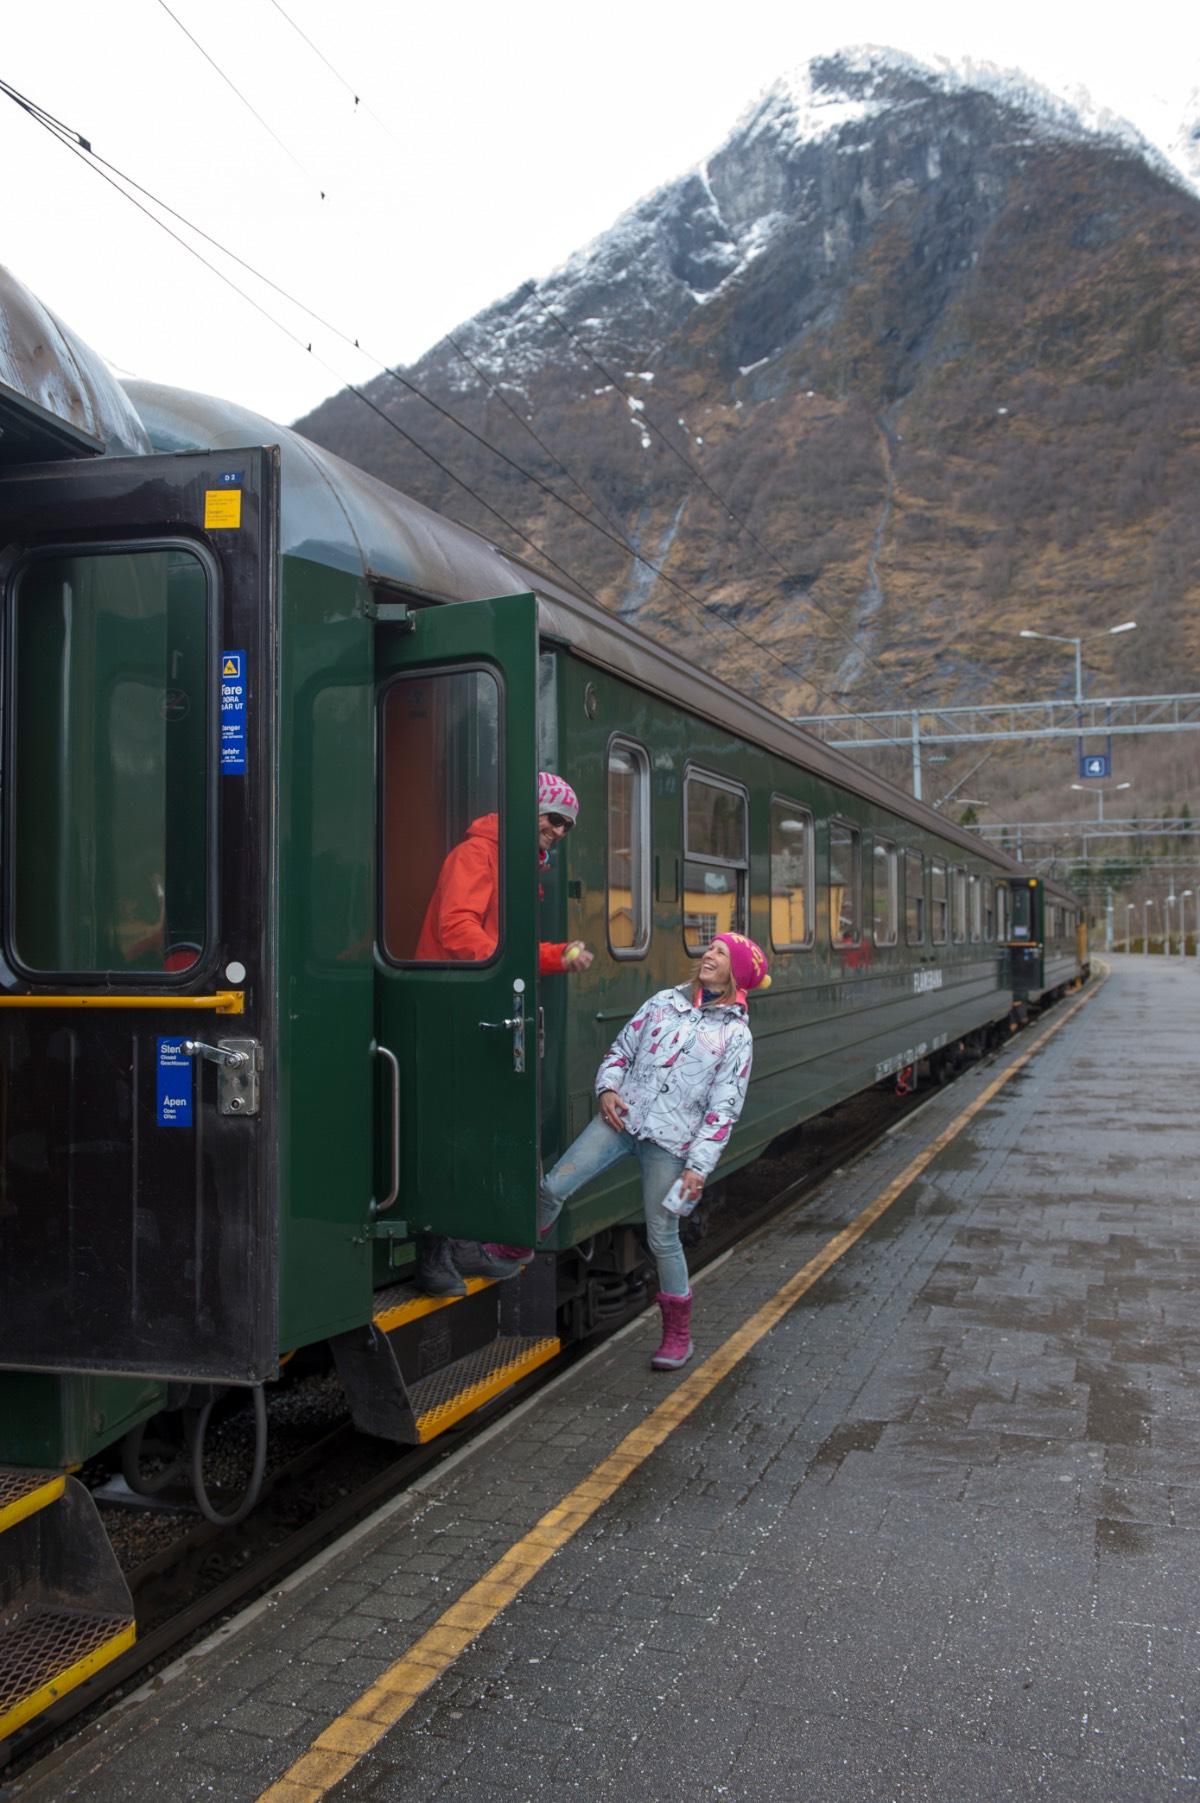 Noorwegen_De flamsbana treinrit van groen naar wit 1